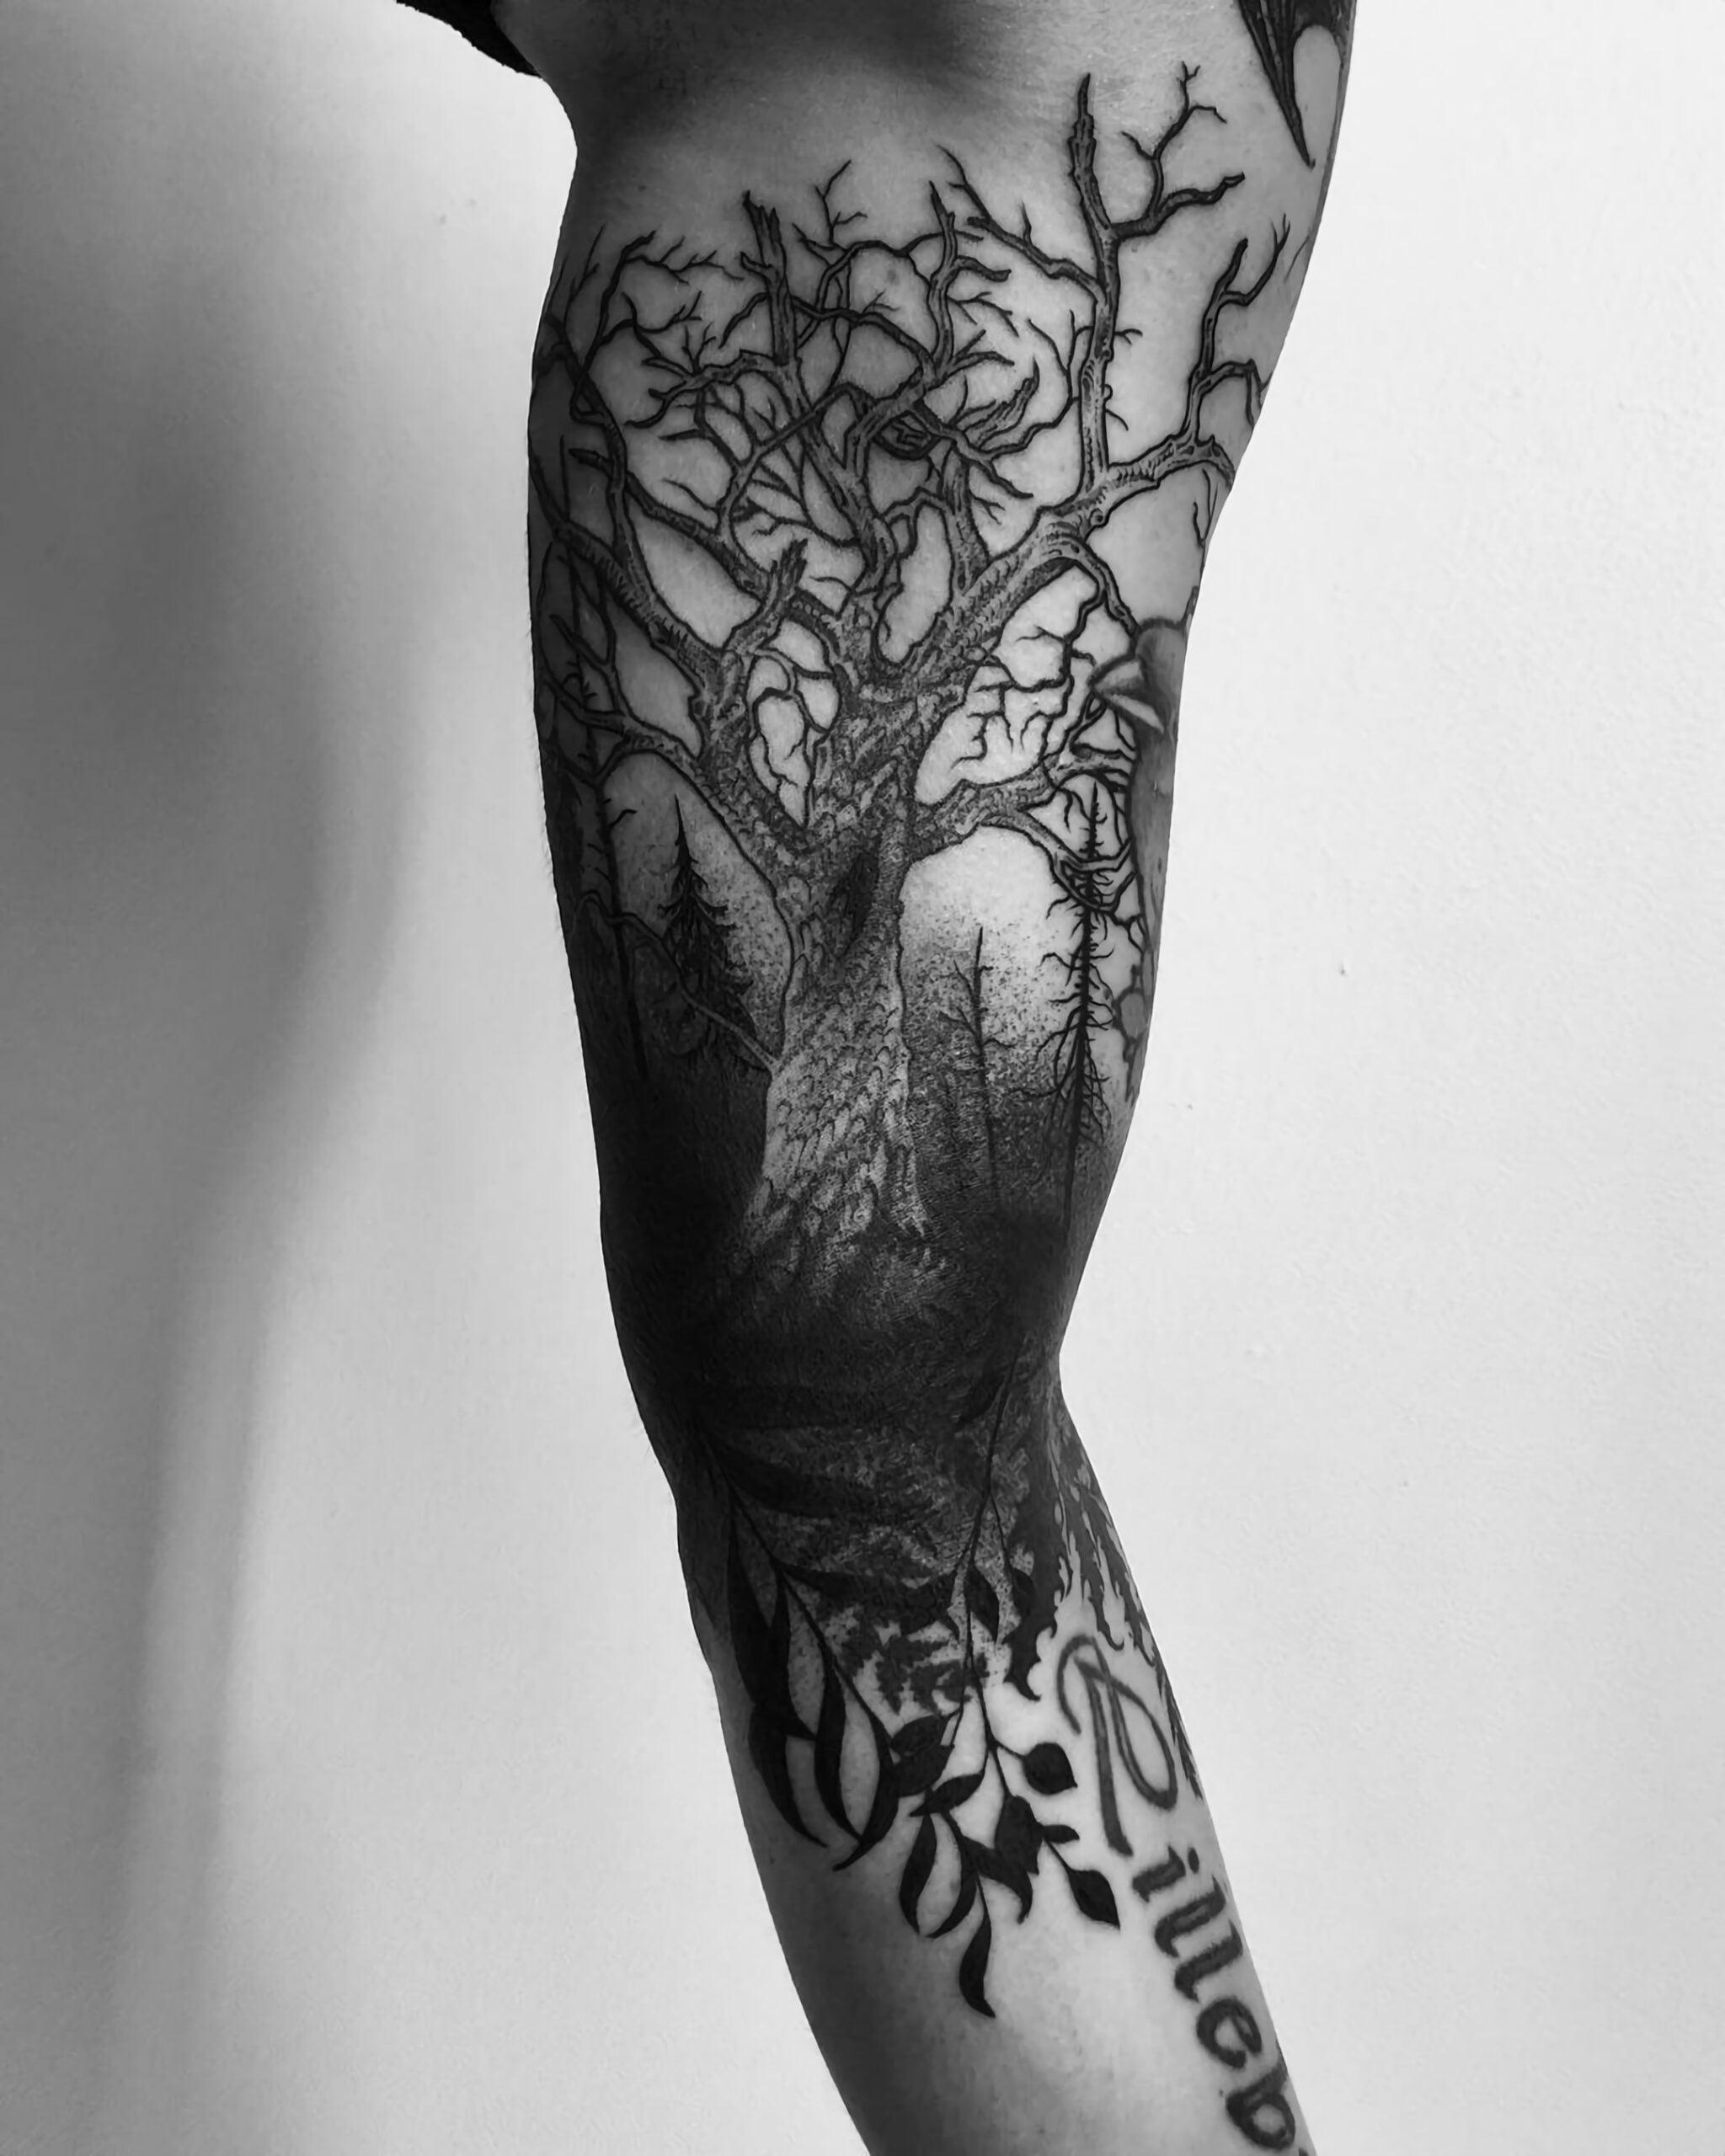 Татуировка с мертвым деревом